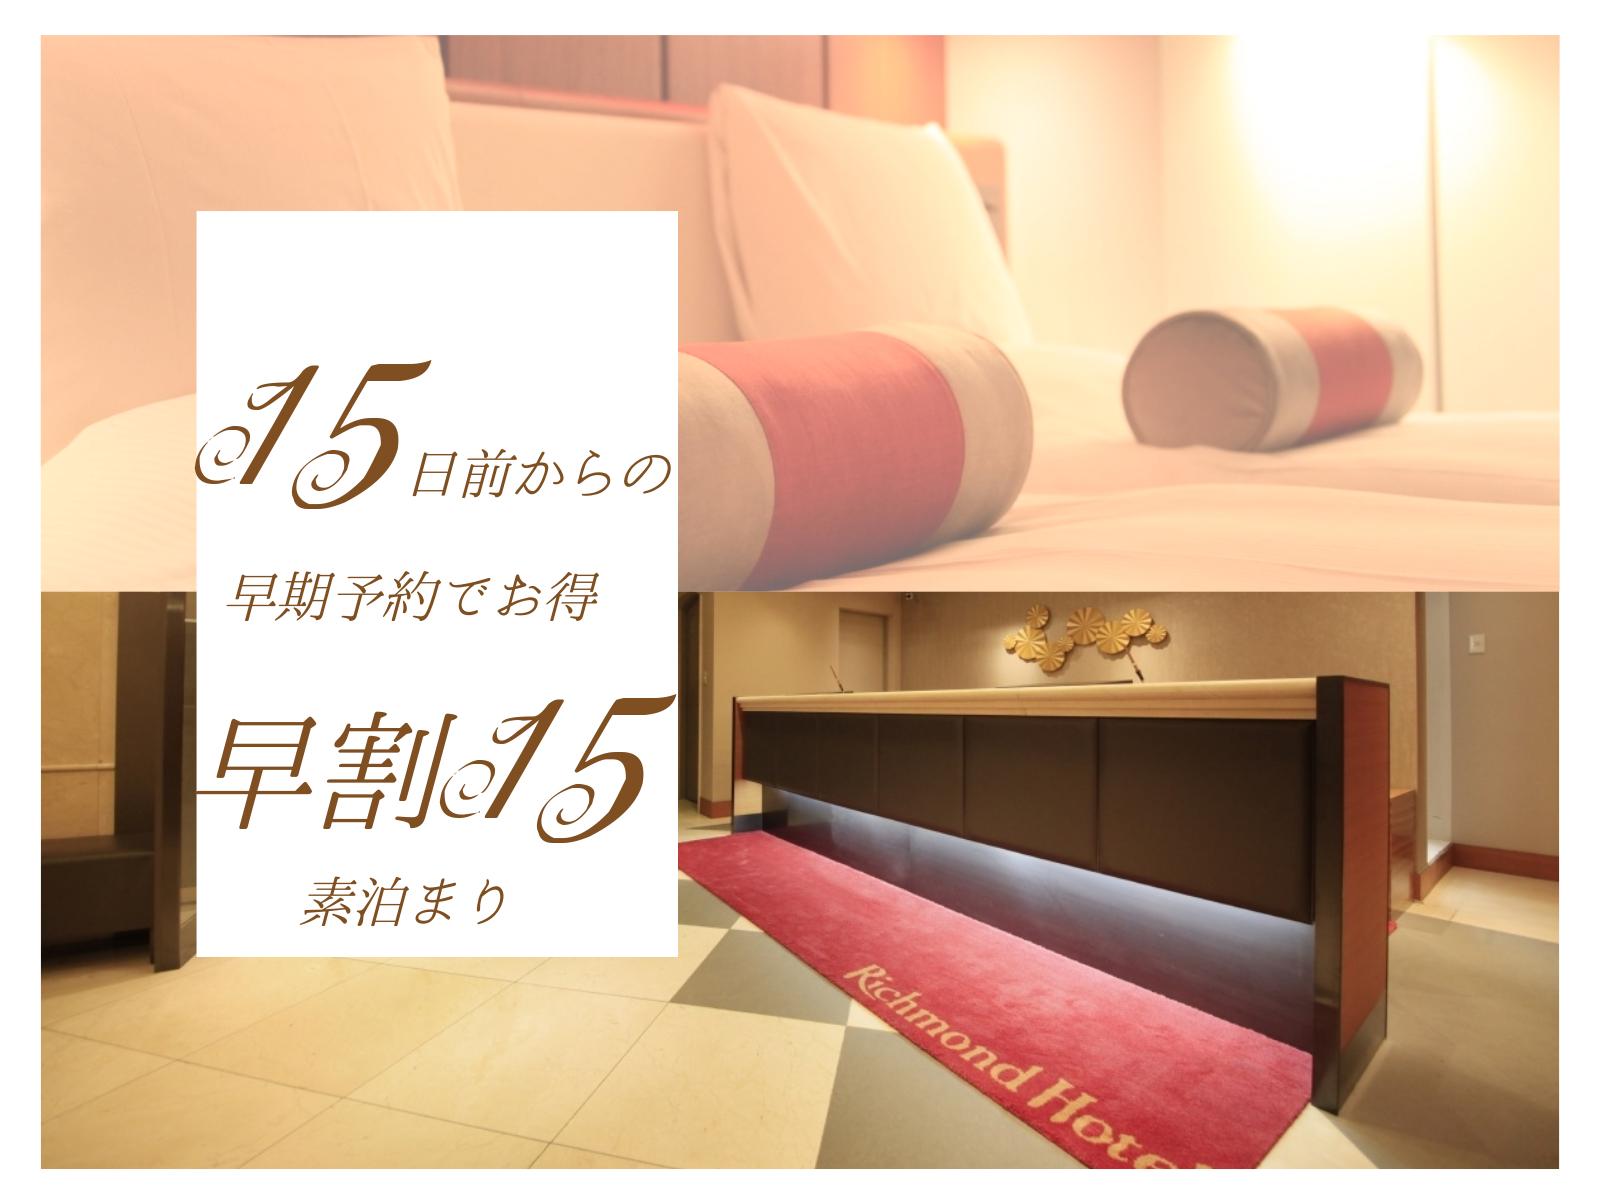 リッチモンドホテル東京目白 / 【早割15】15日前までの早期割引プラン〔素泊り〕